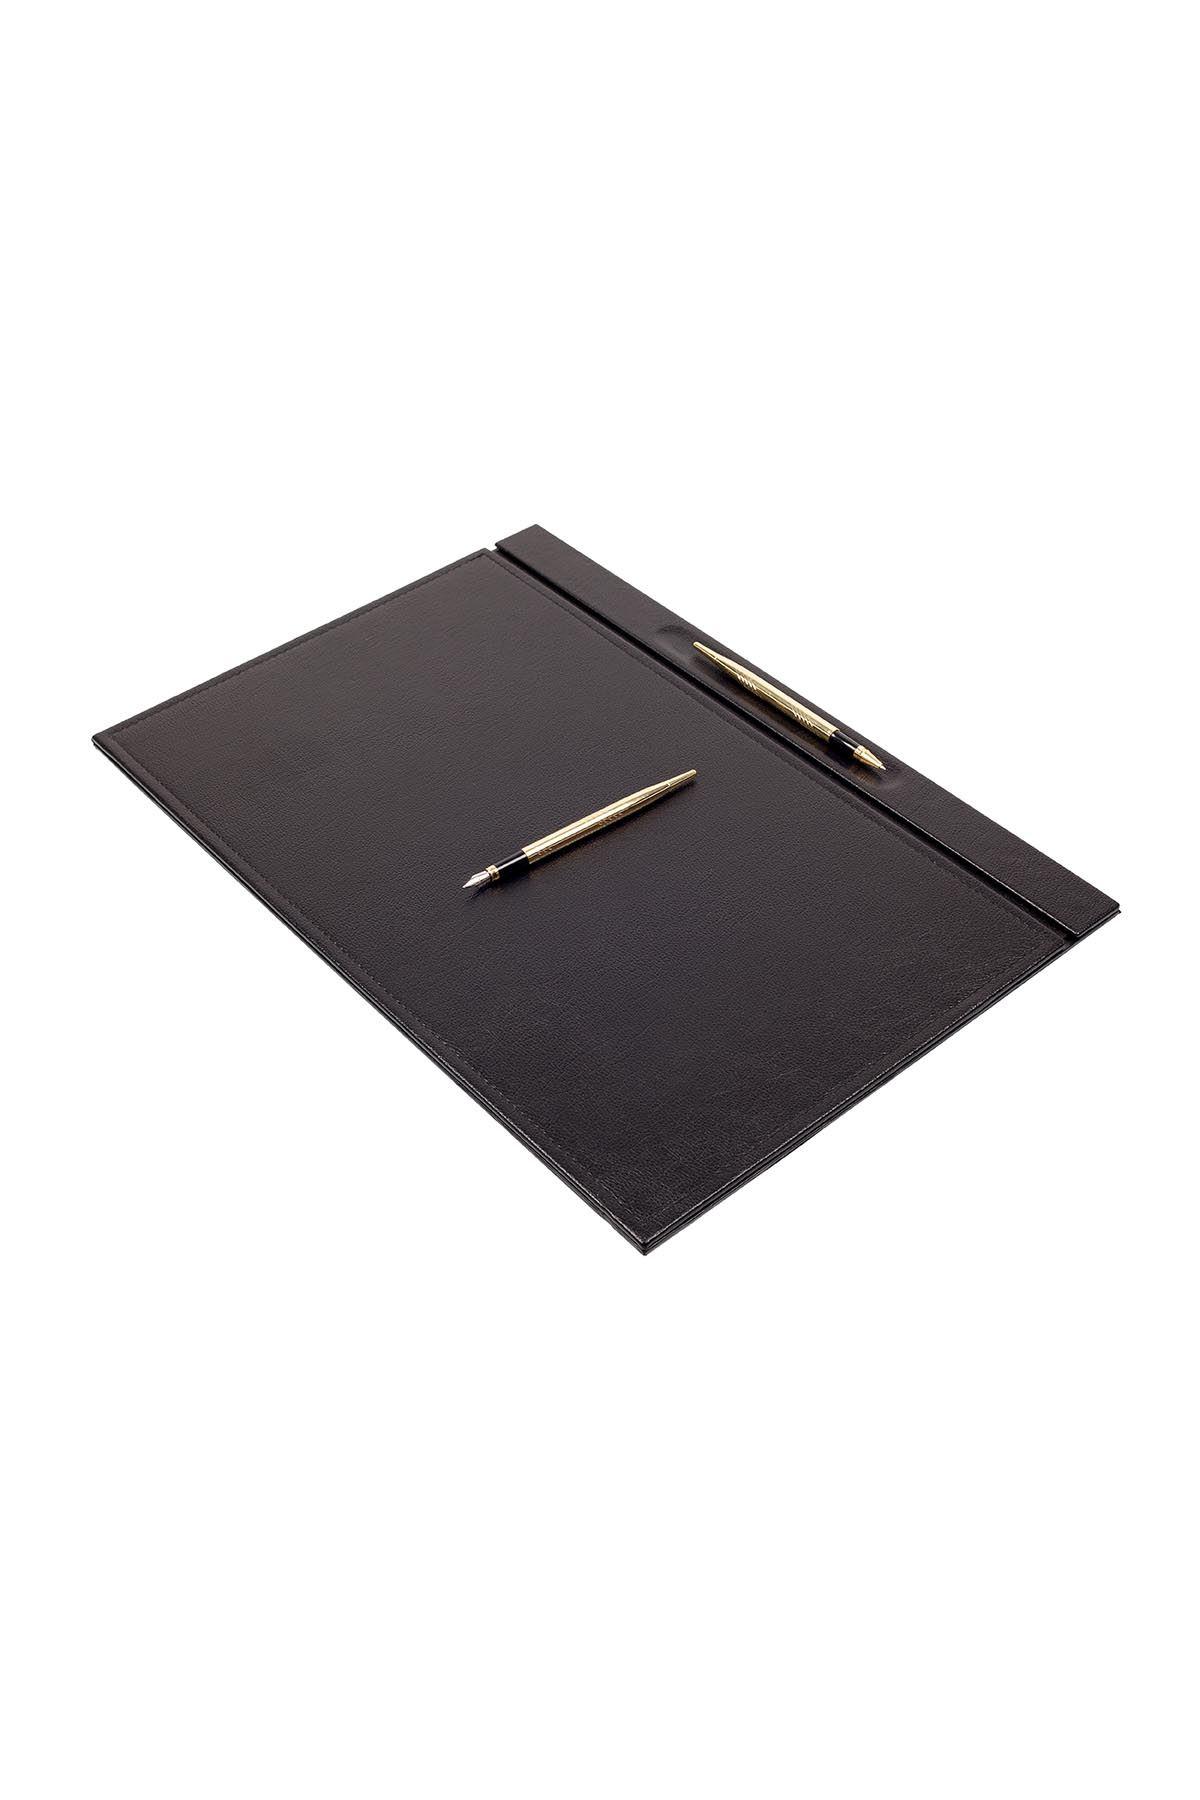 Make Your Own Desk Set Brown